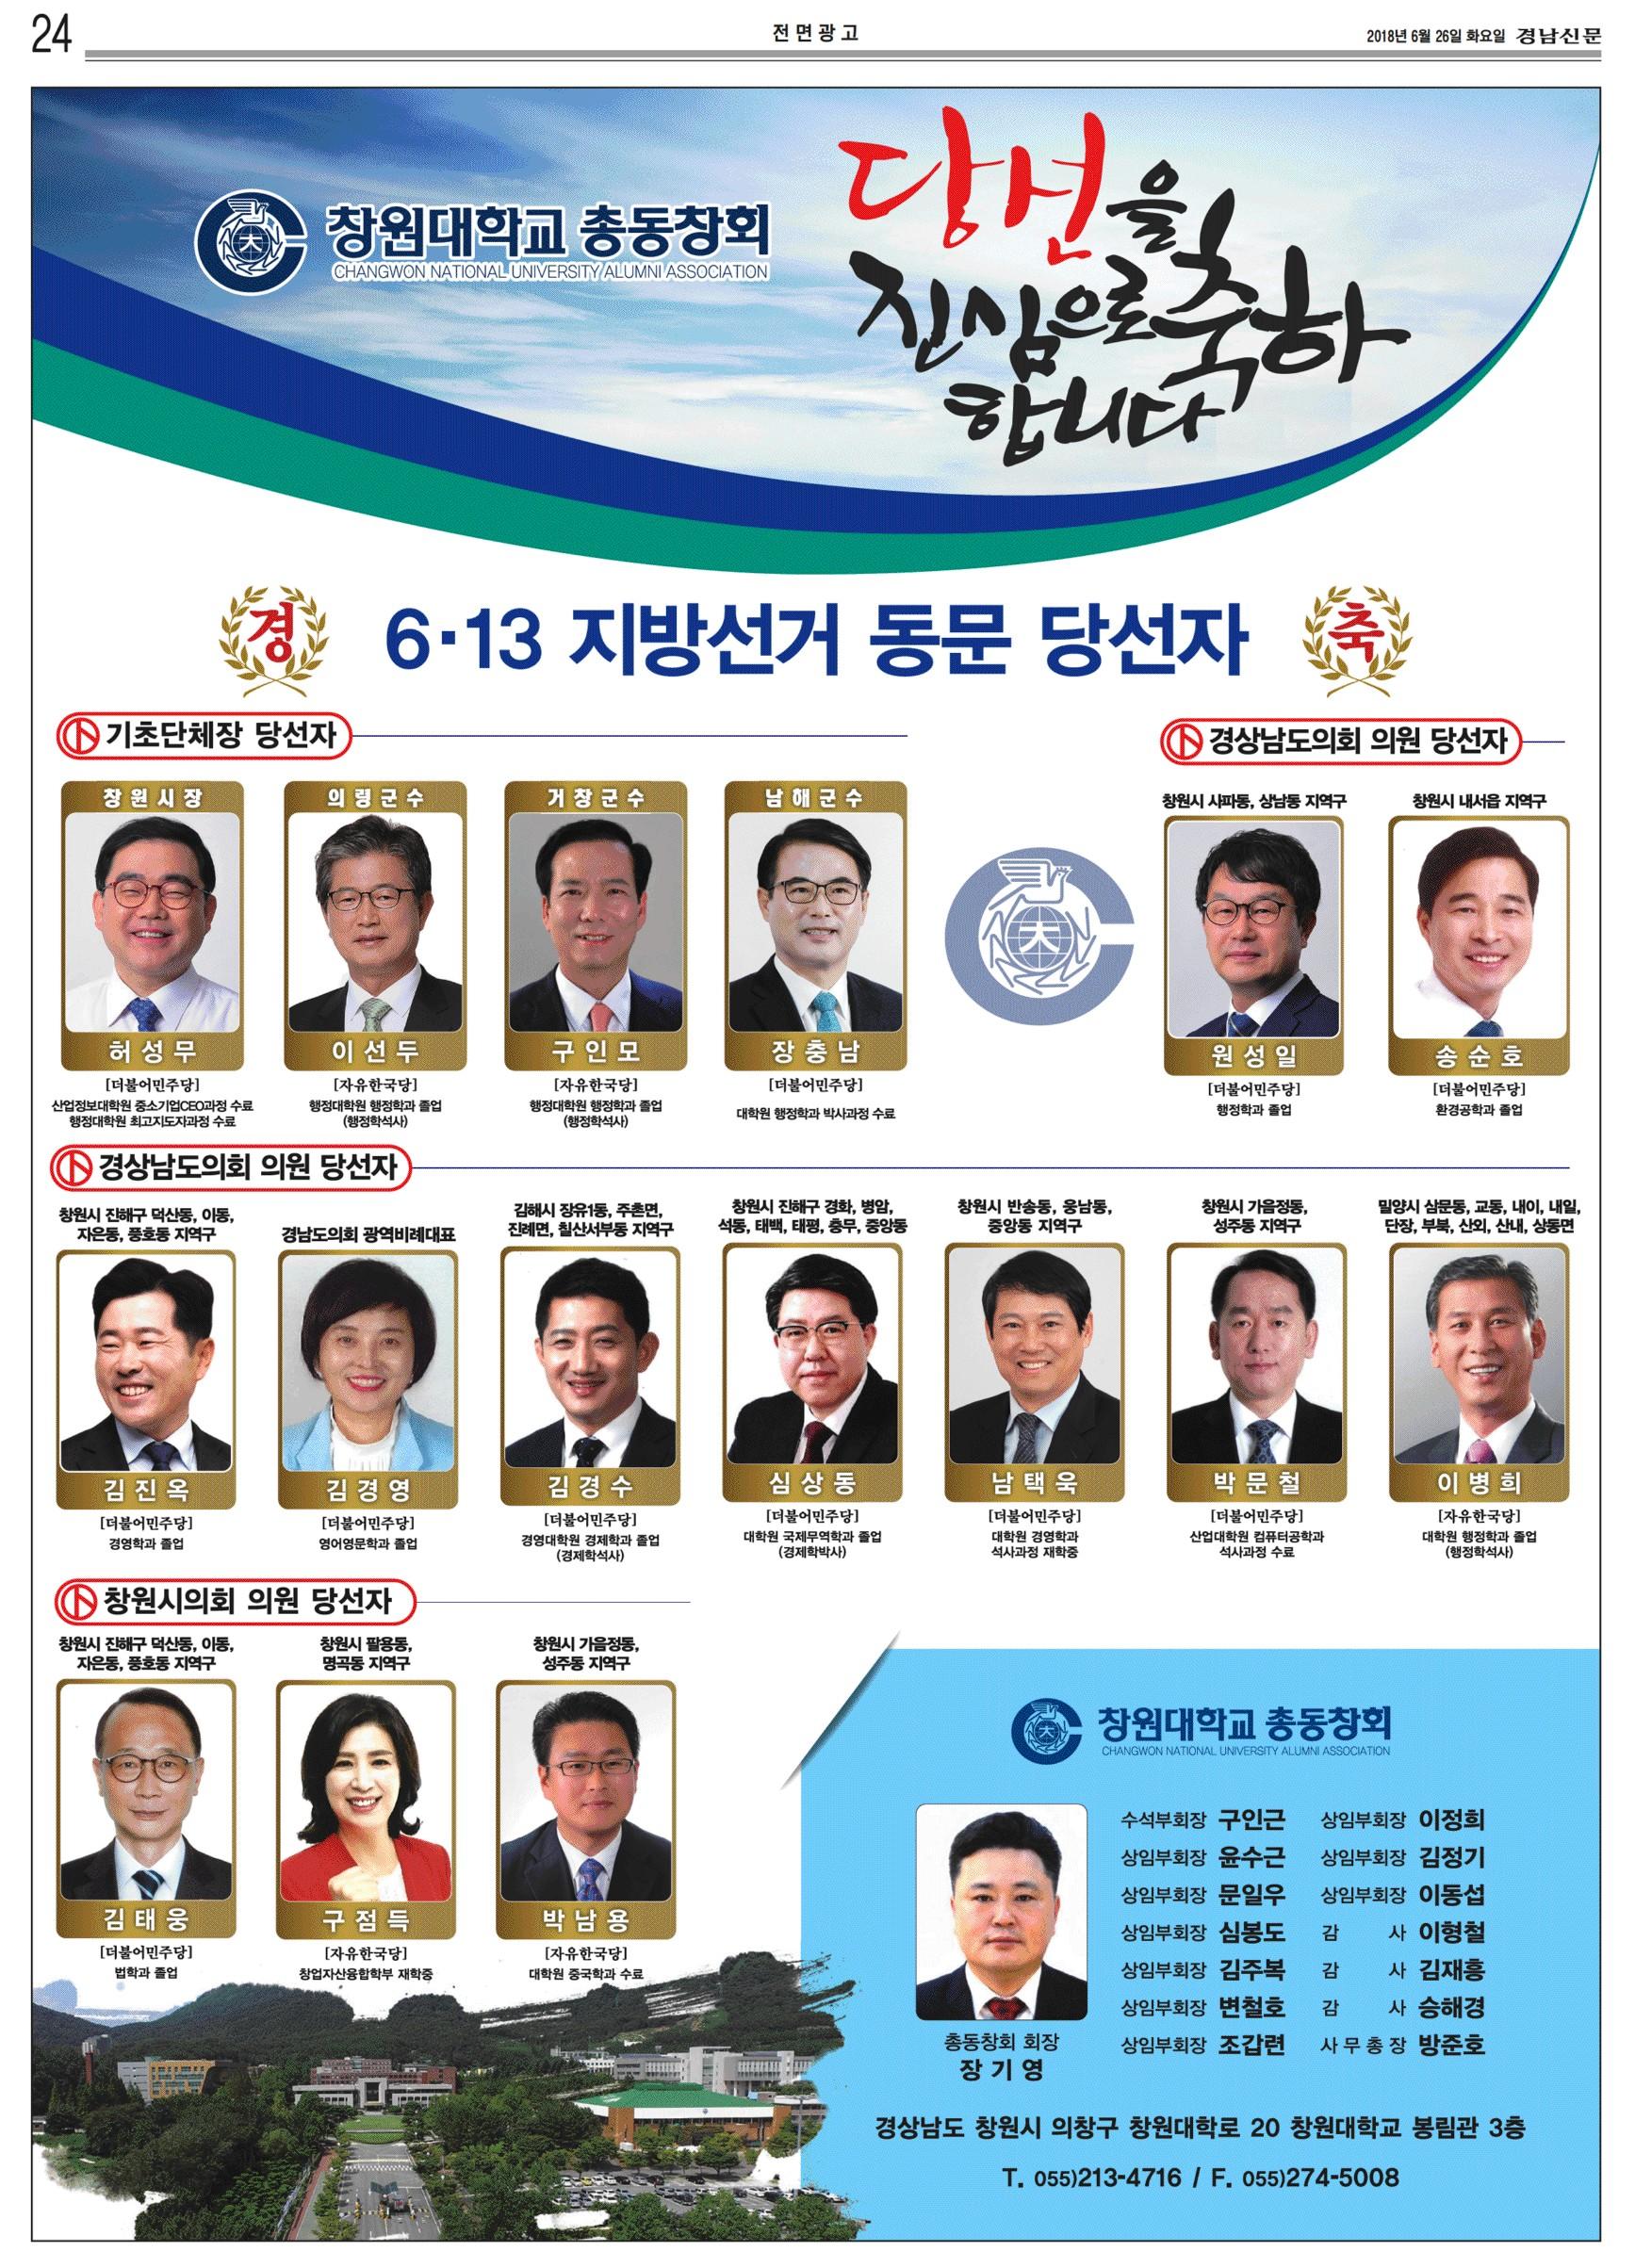 경남신문광고.jpg